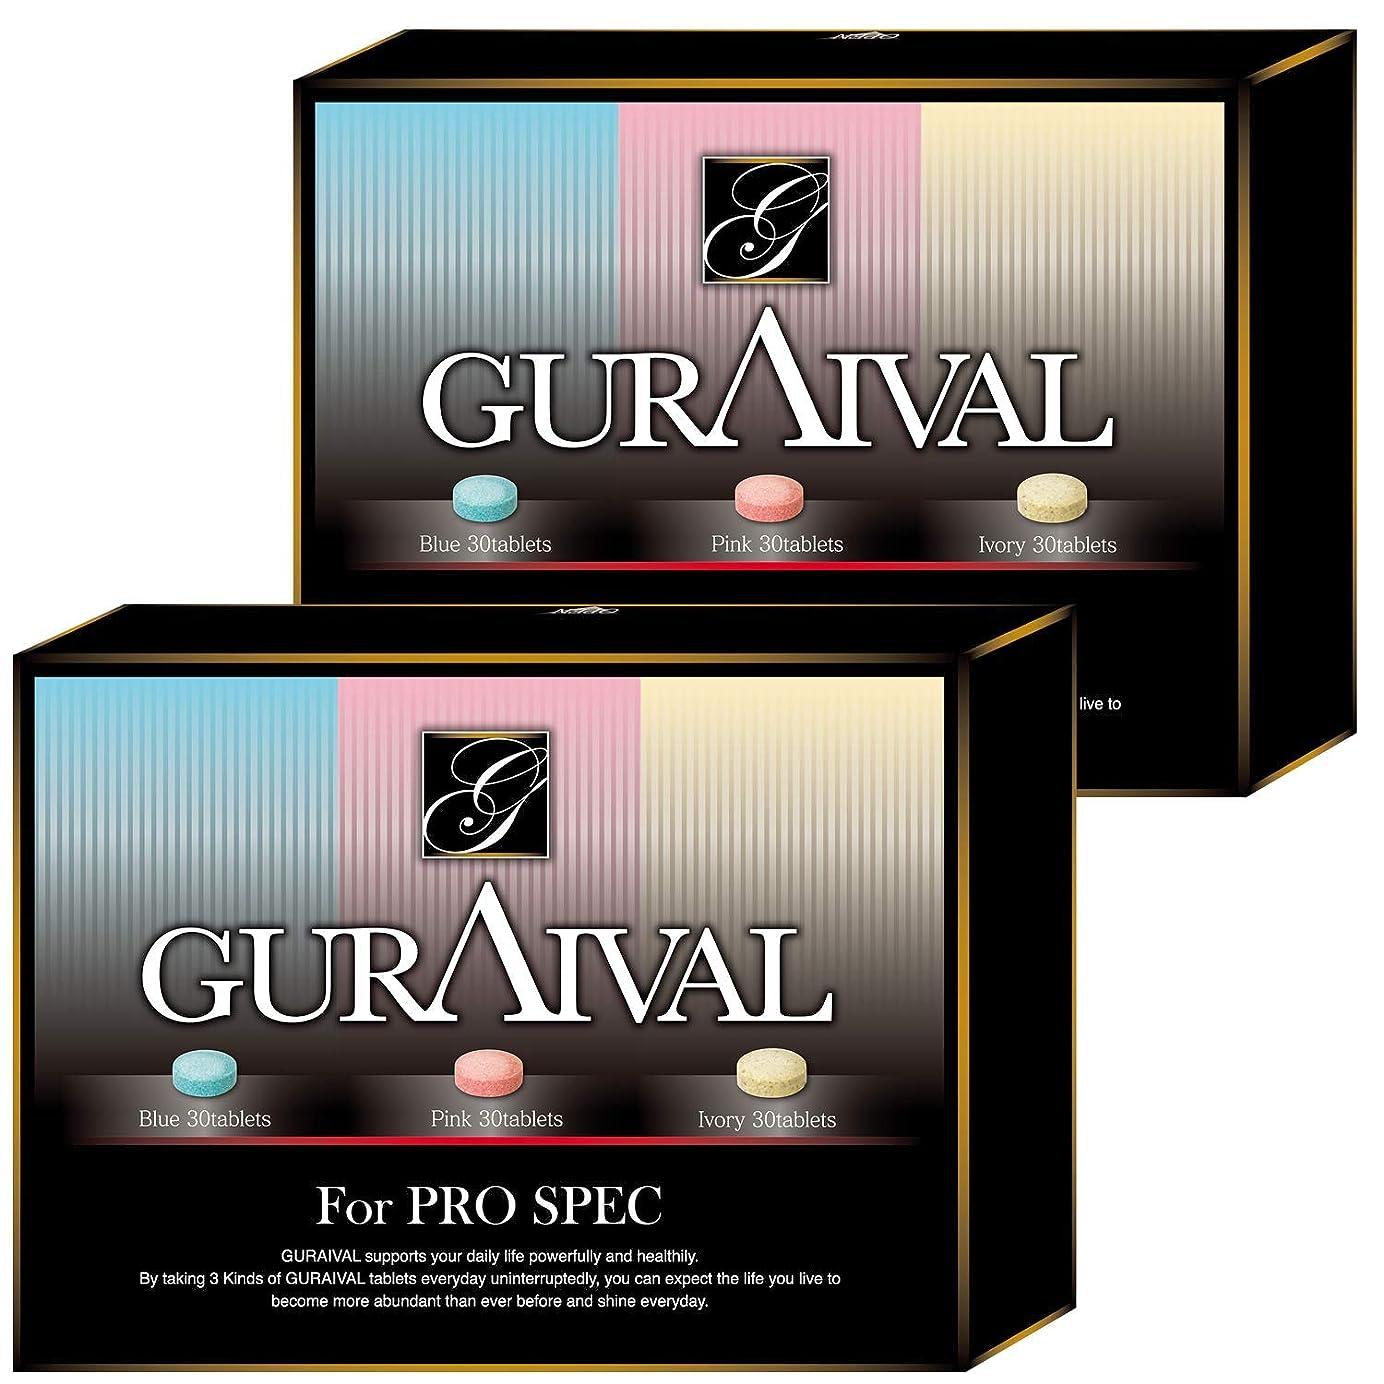 近代化罰前提自信増大サプリメント グライバル(Guraival)2箱60日分